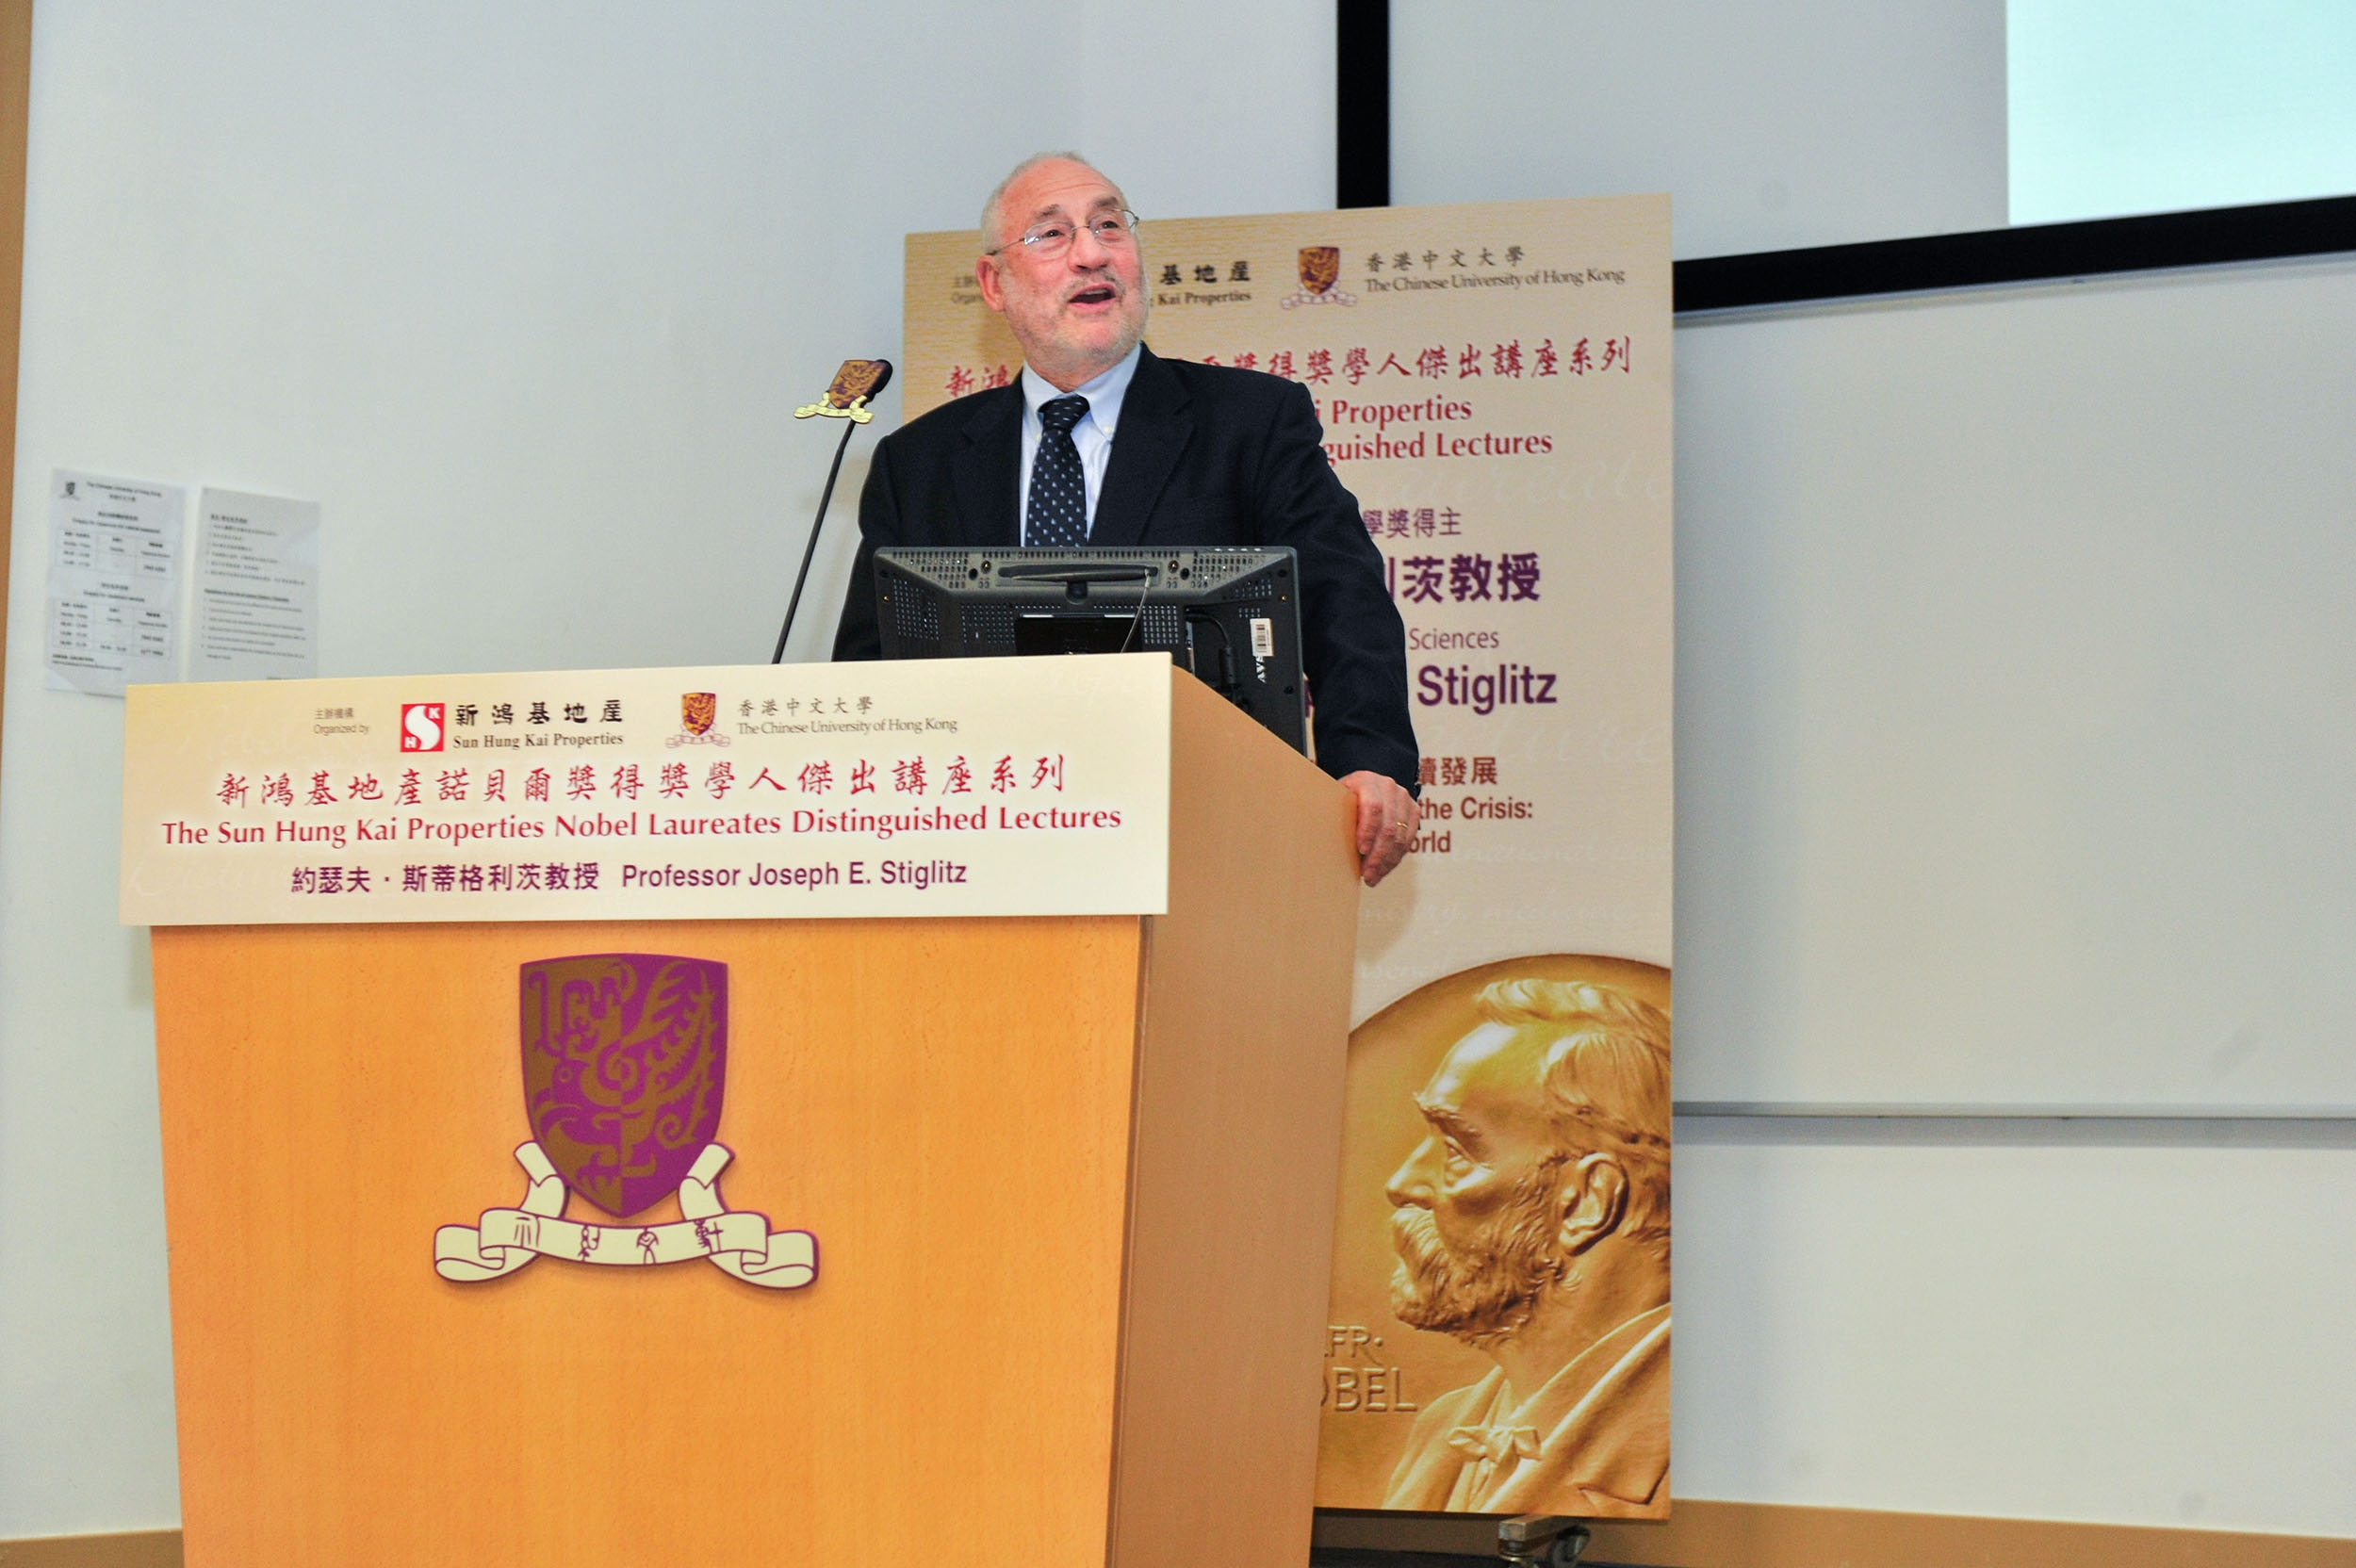 2001年诺贝尔经济学奖得奖学人约瑟夫˙斯蒂格利茨教授。